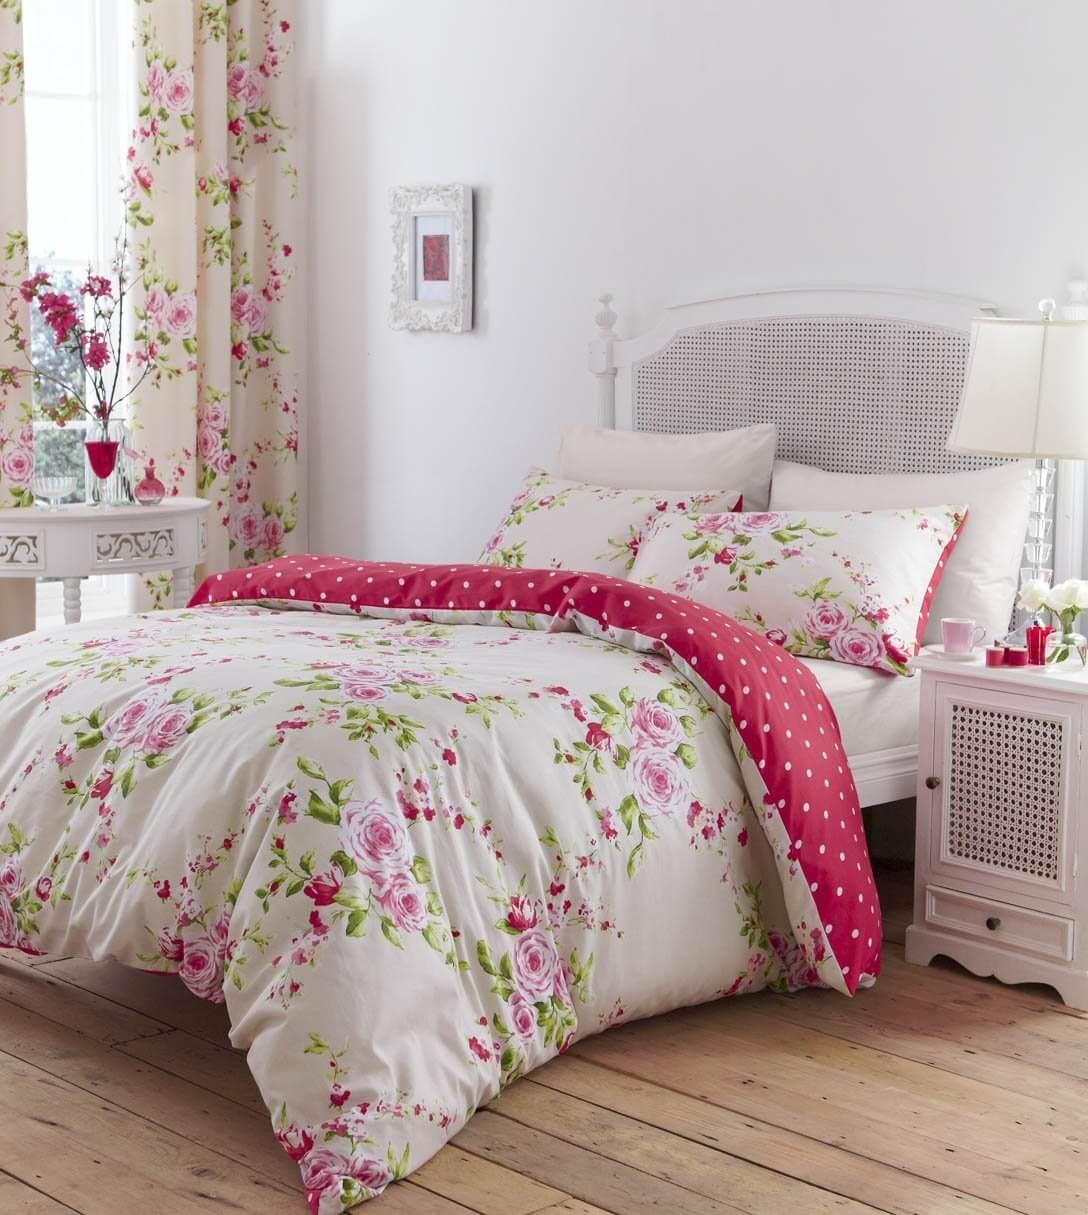 chambre shabby chic, lit blanc paré de linge de lit fleuri et rideaux a motifs floraux, parquet en bois, mur couleur blanche